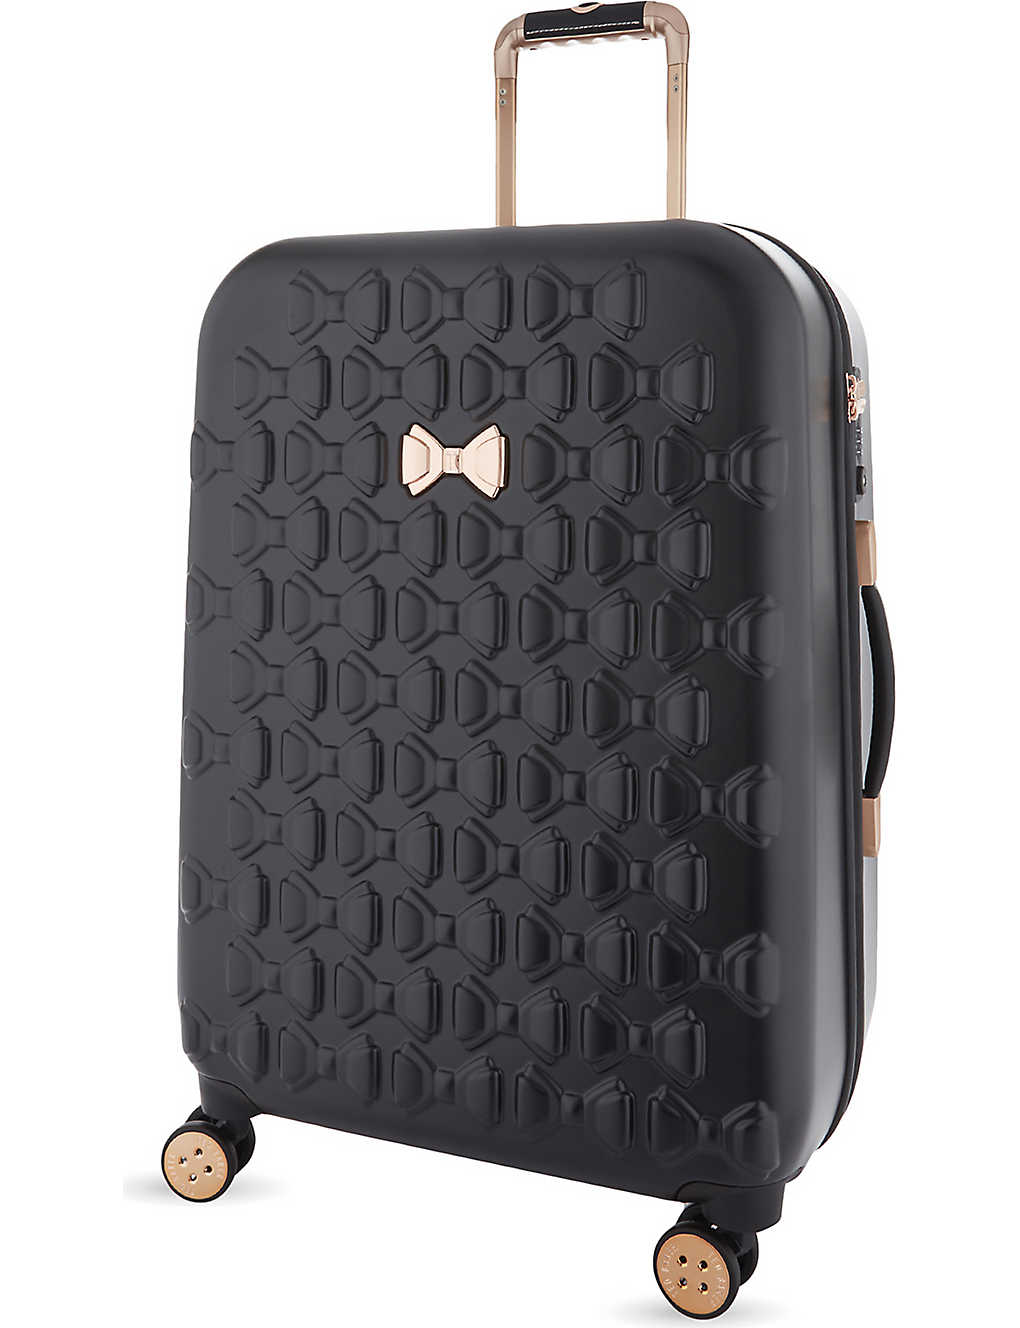 2a7274e9e7a TED BAKER - Beau medium four-wheel suitcase 68cm | Selfridges.com